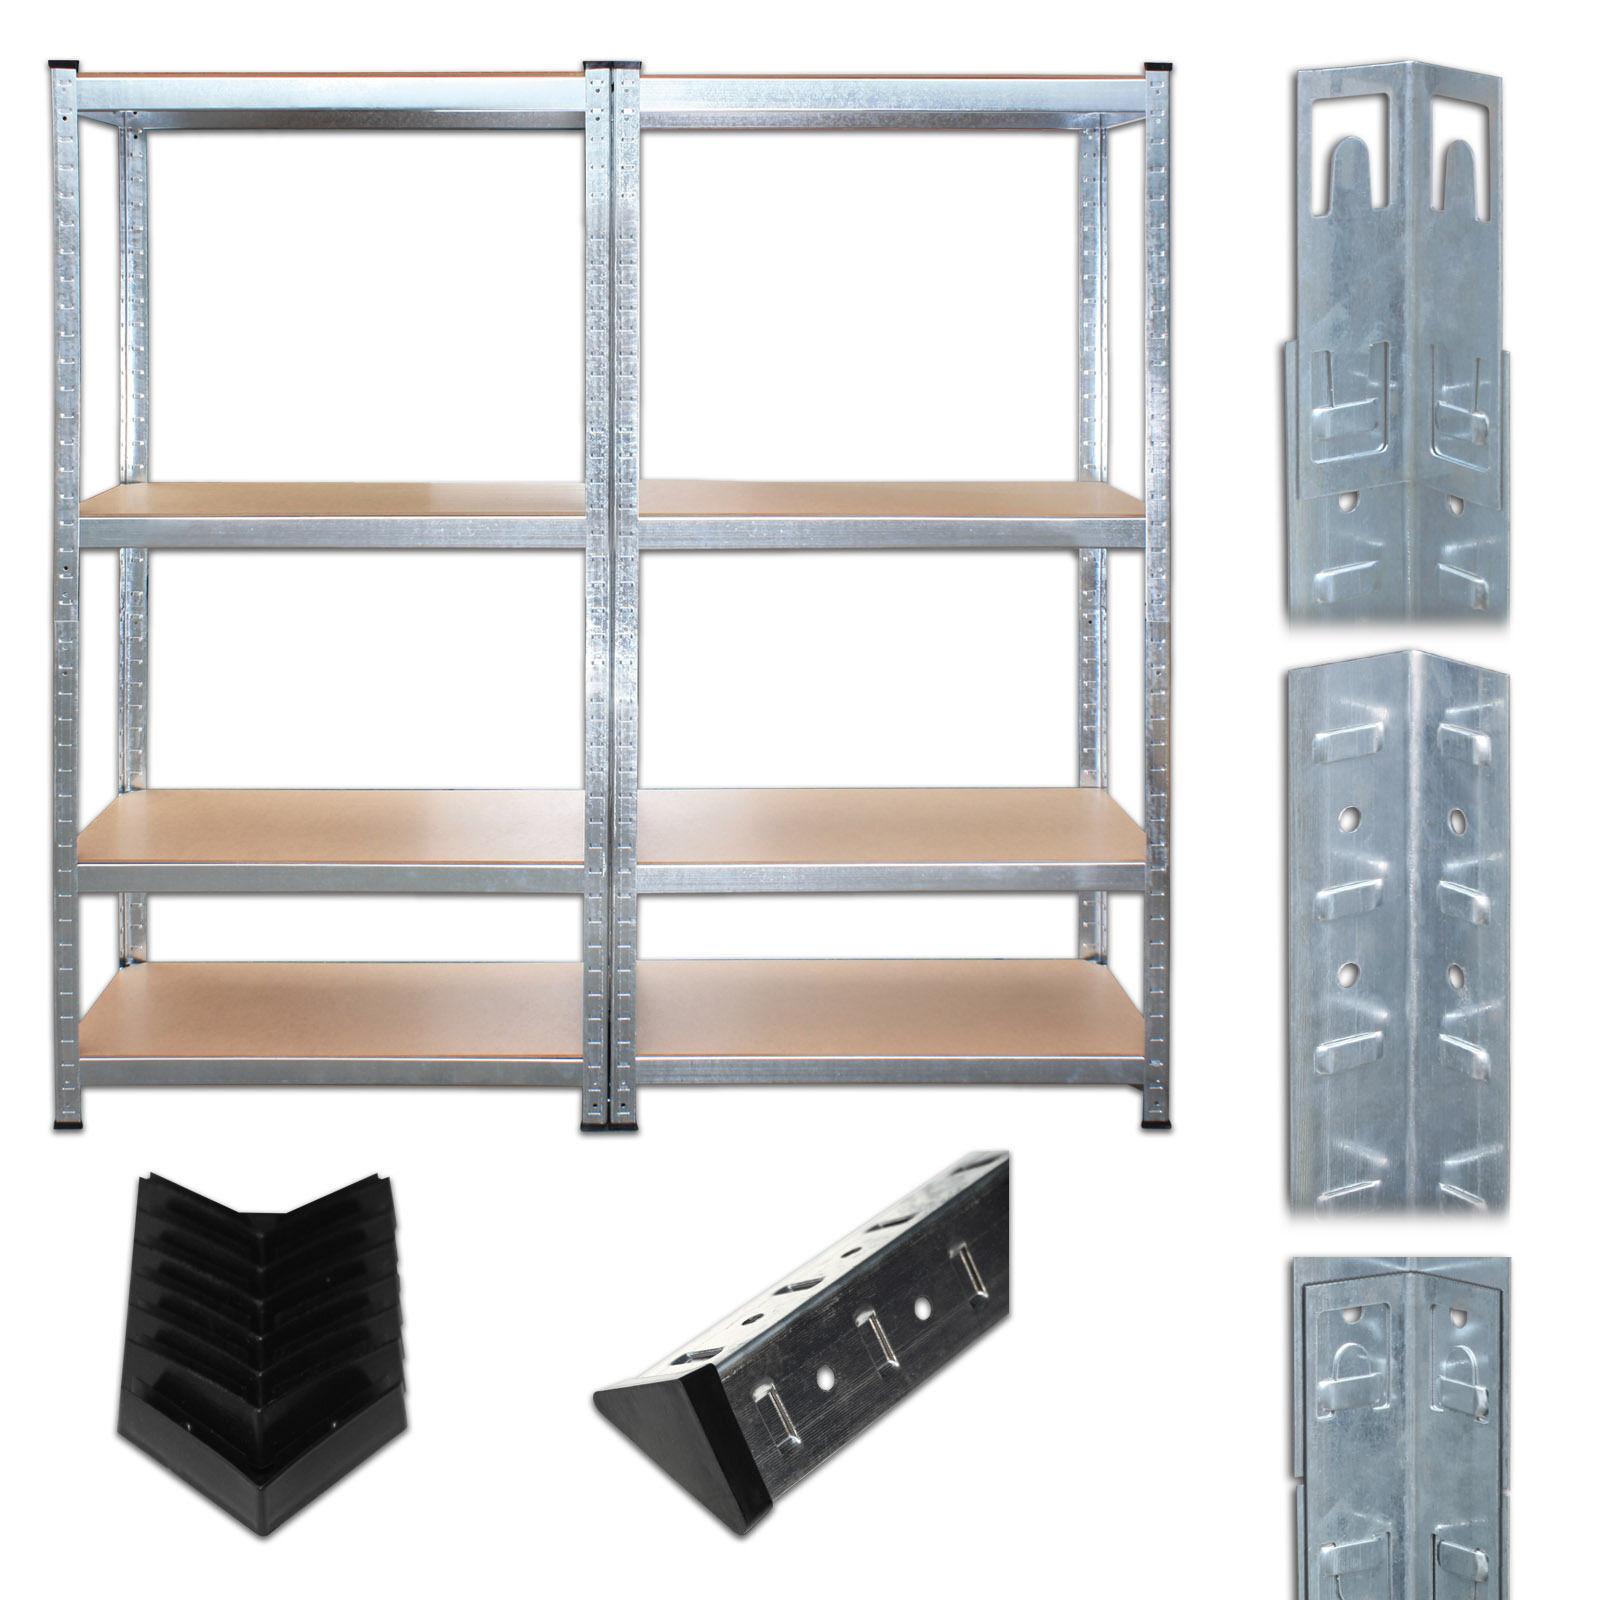 klemmfix plissee f r fenster t ren wei oder beige leichte montage ohne bohren. Black Bedroom Furniture Sets. Home Design Ideas